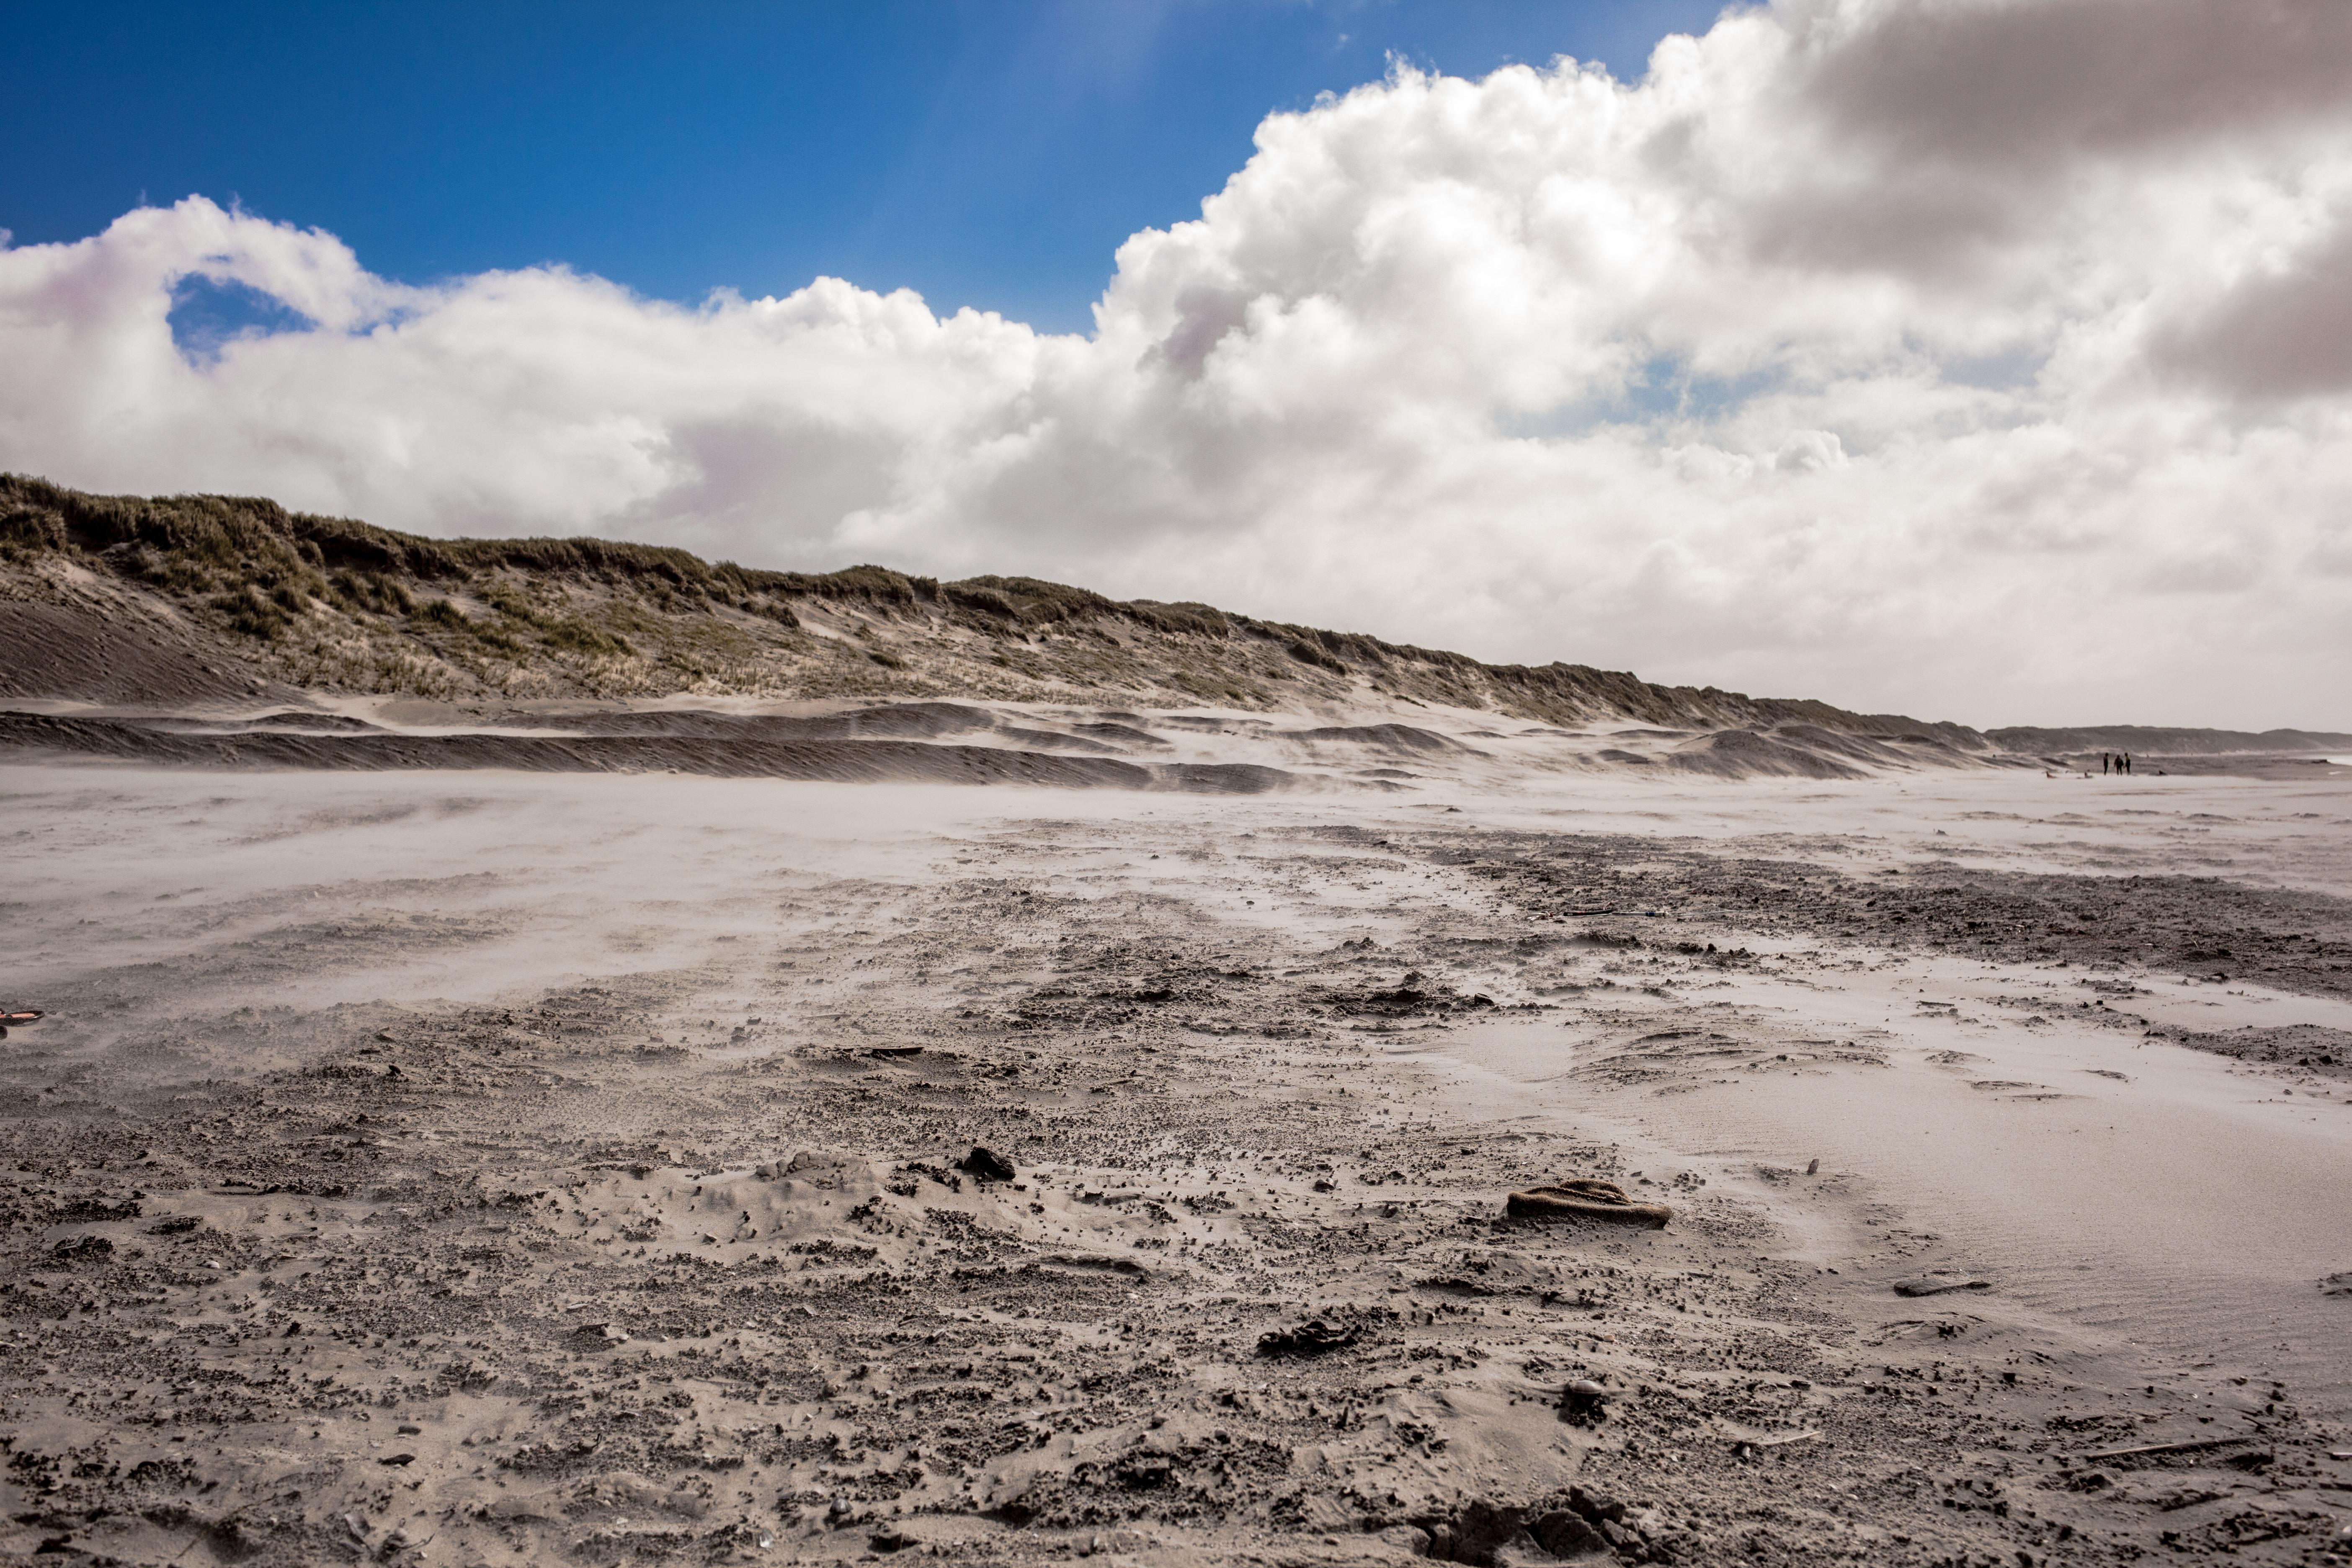 Barren white sand dunes on the beach at Hvide Sande